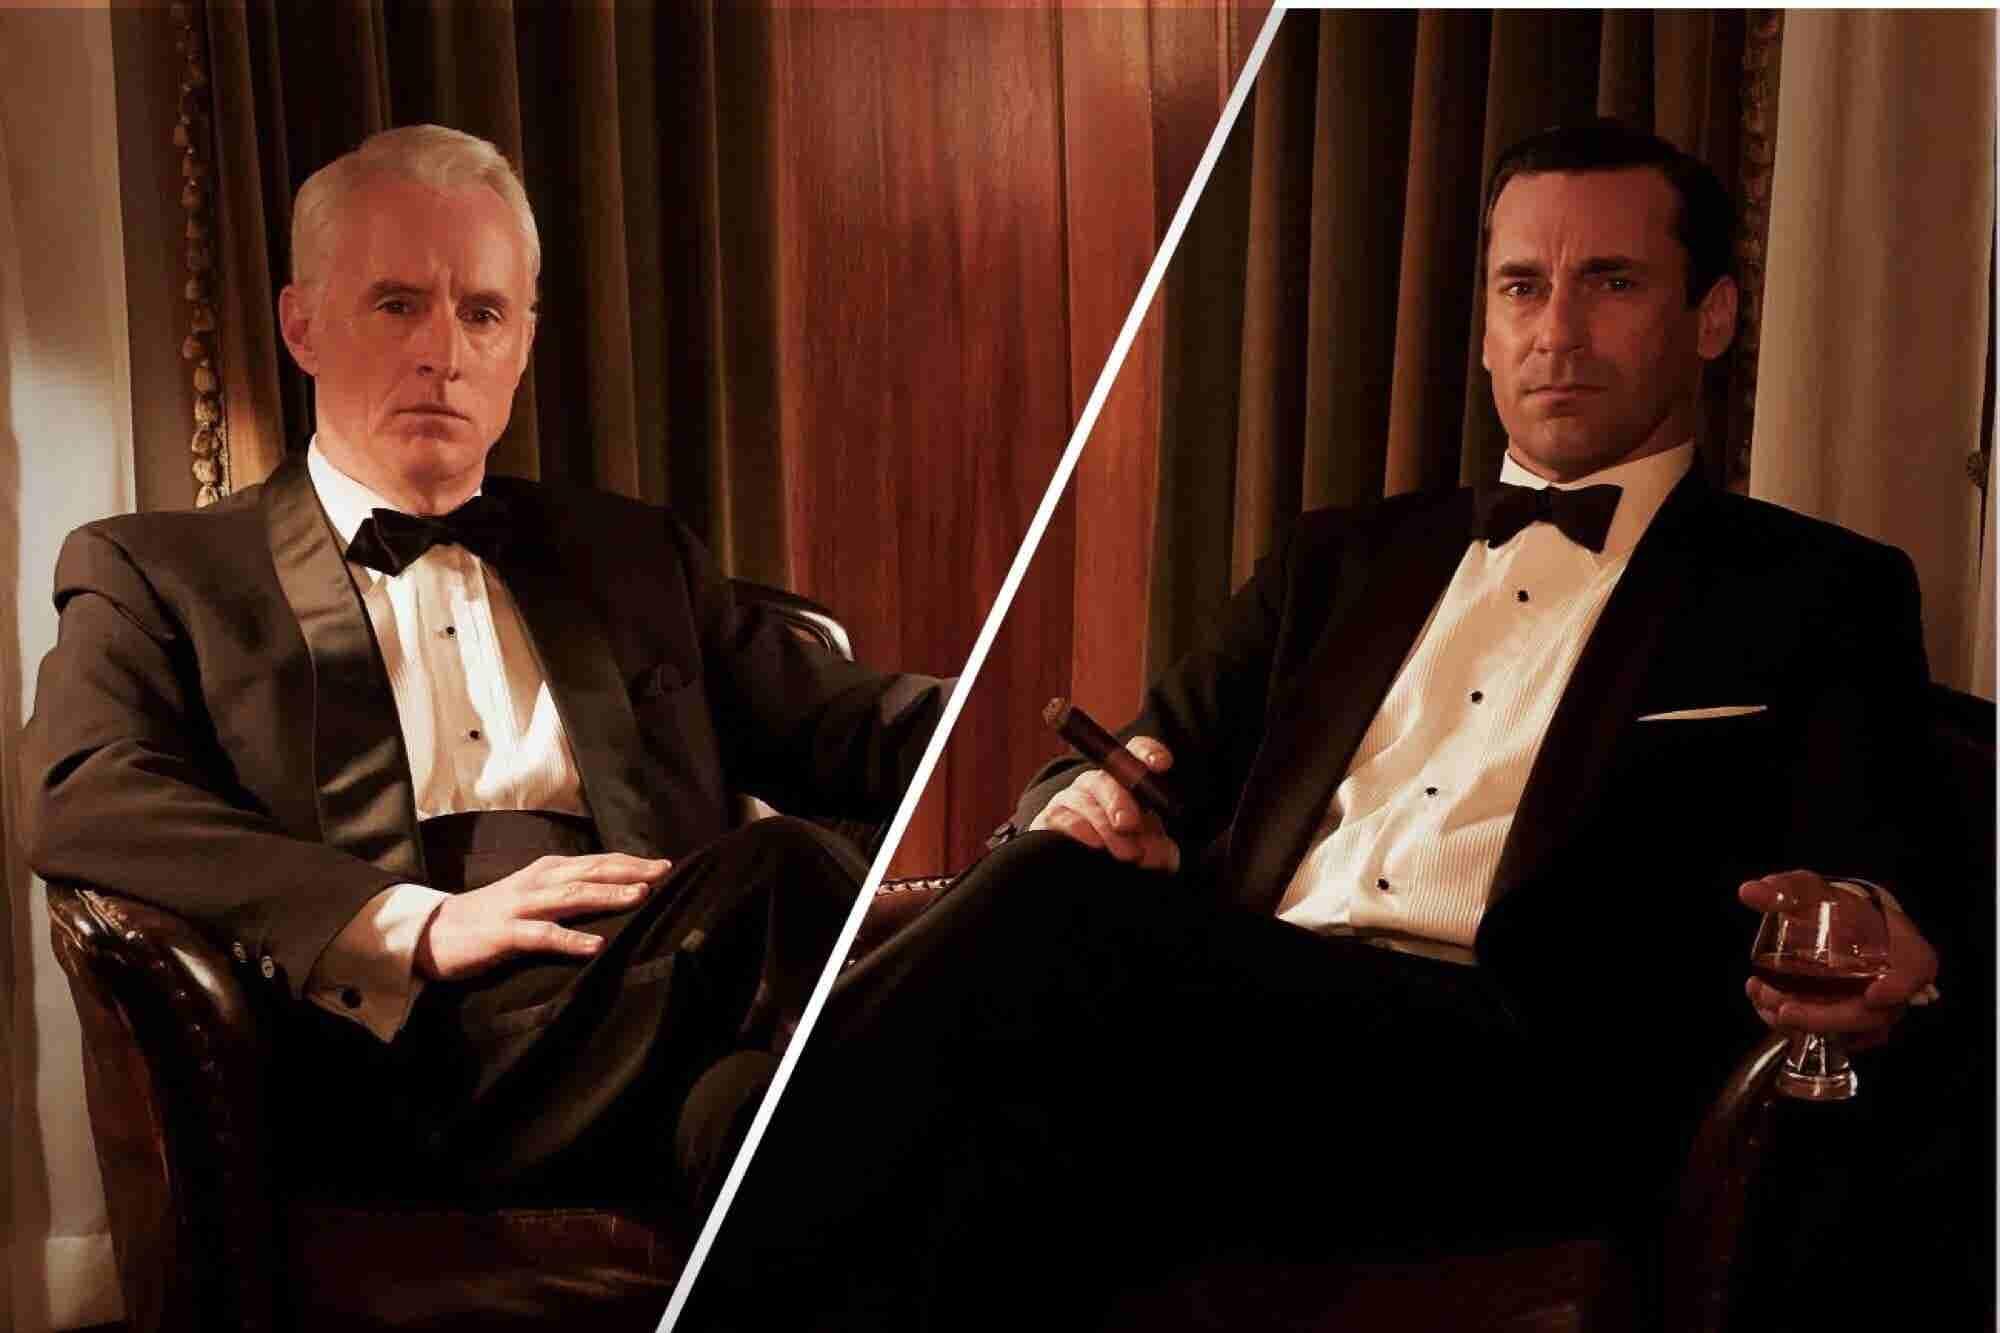 3 secretos de branding de Mad Men